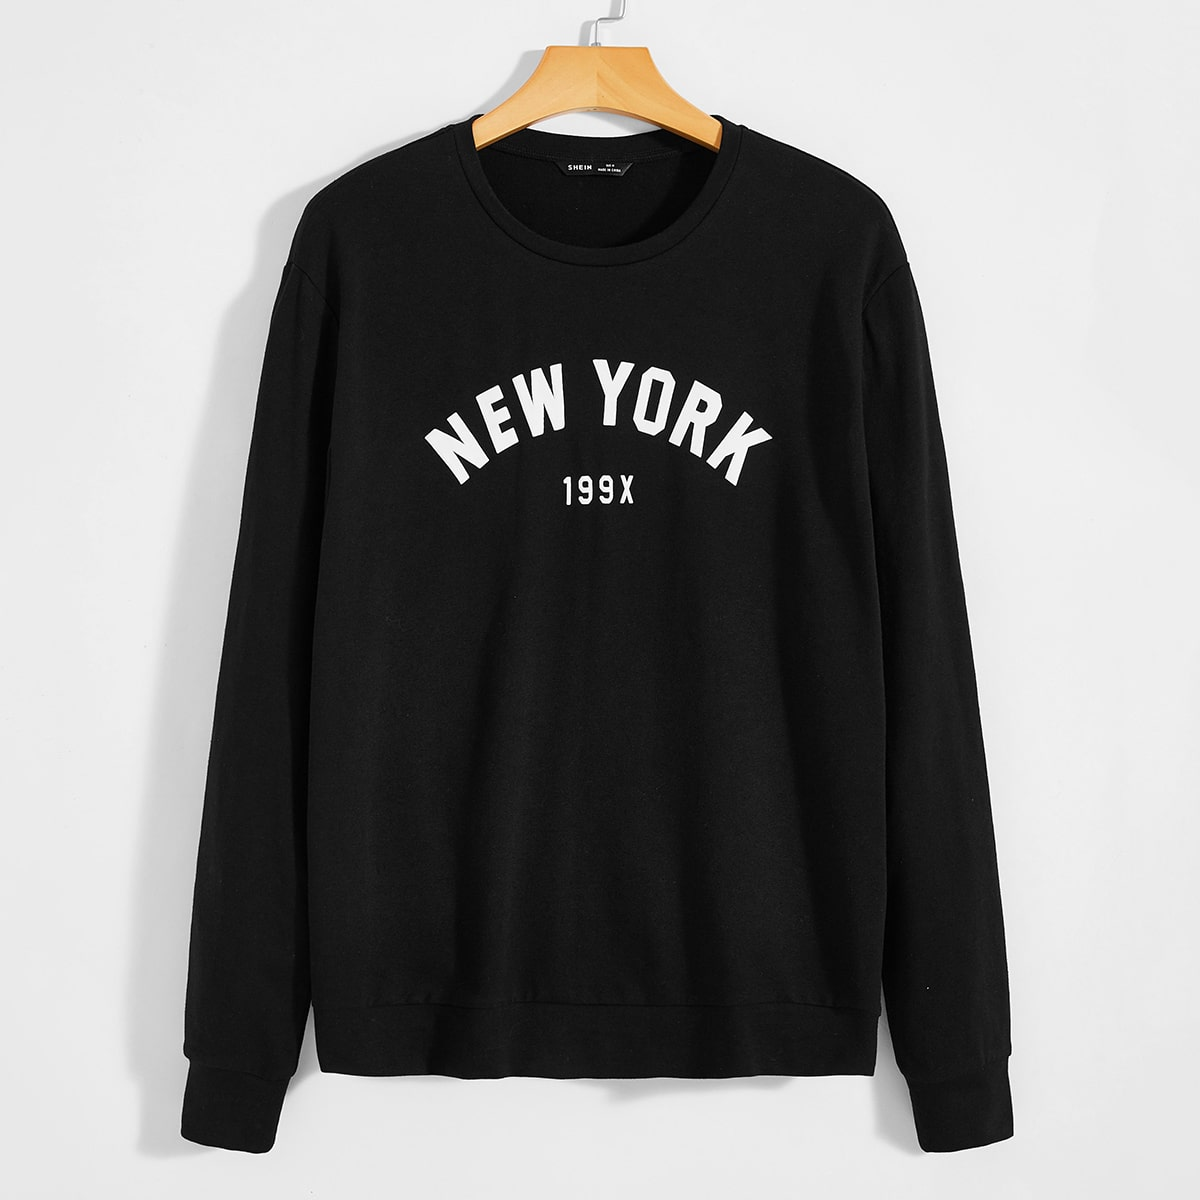 Мужской пуловер с текстовым принтом от SHEIN